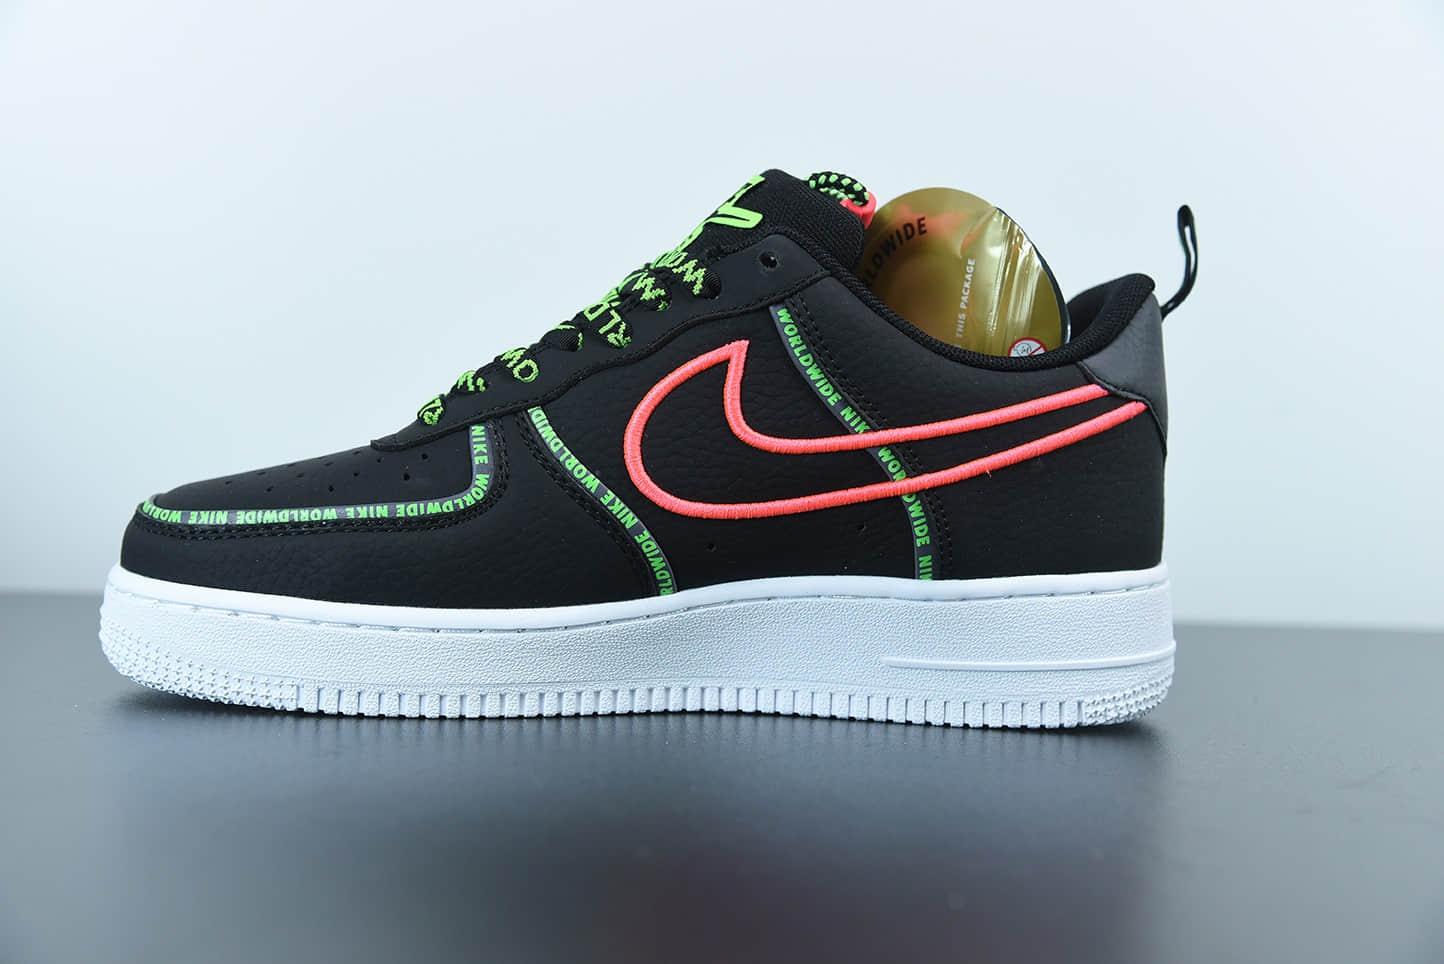 """耐克Nike Air Force 1'07 Low """"World Wide""""空军一号黑绿粉色字母弹幕花纹刺绣钩子低帮板鞋纯原版本 货号:CK7213-001"""